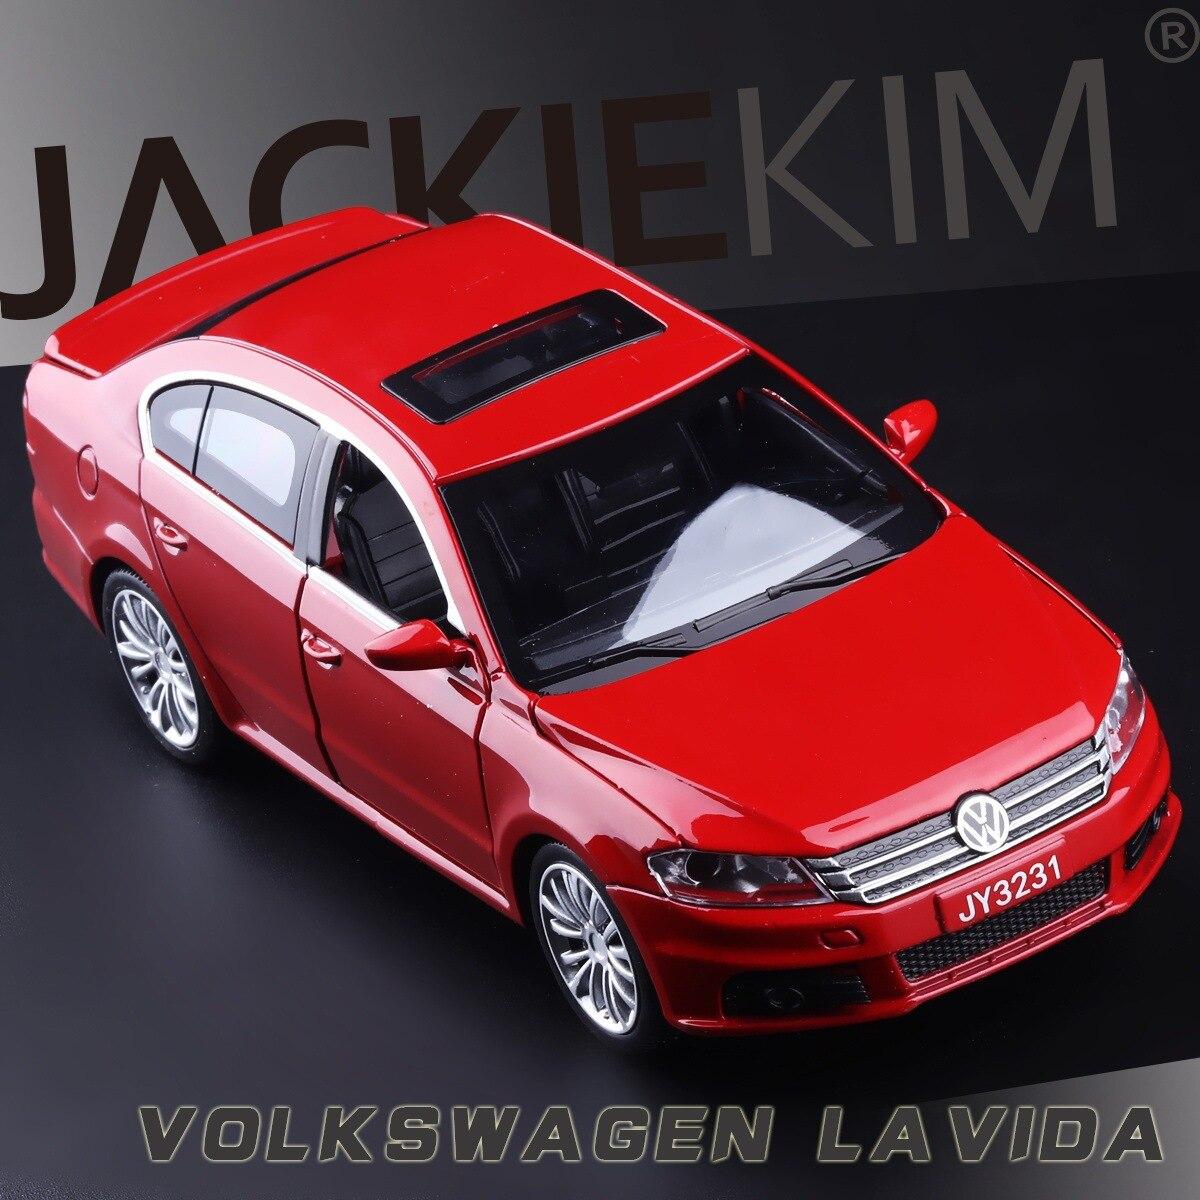 hot sale life 132 volkswagen lavida alloy models cars models kids toys wholesale metal